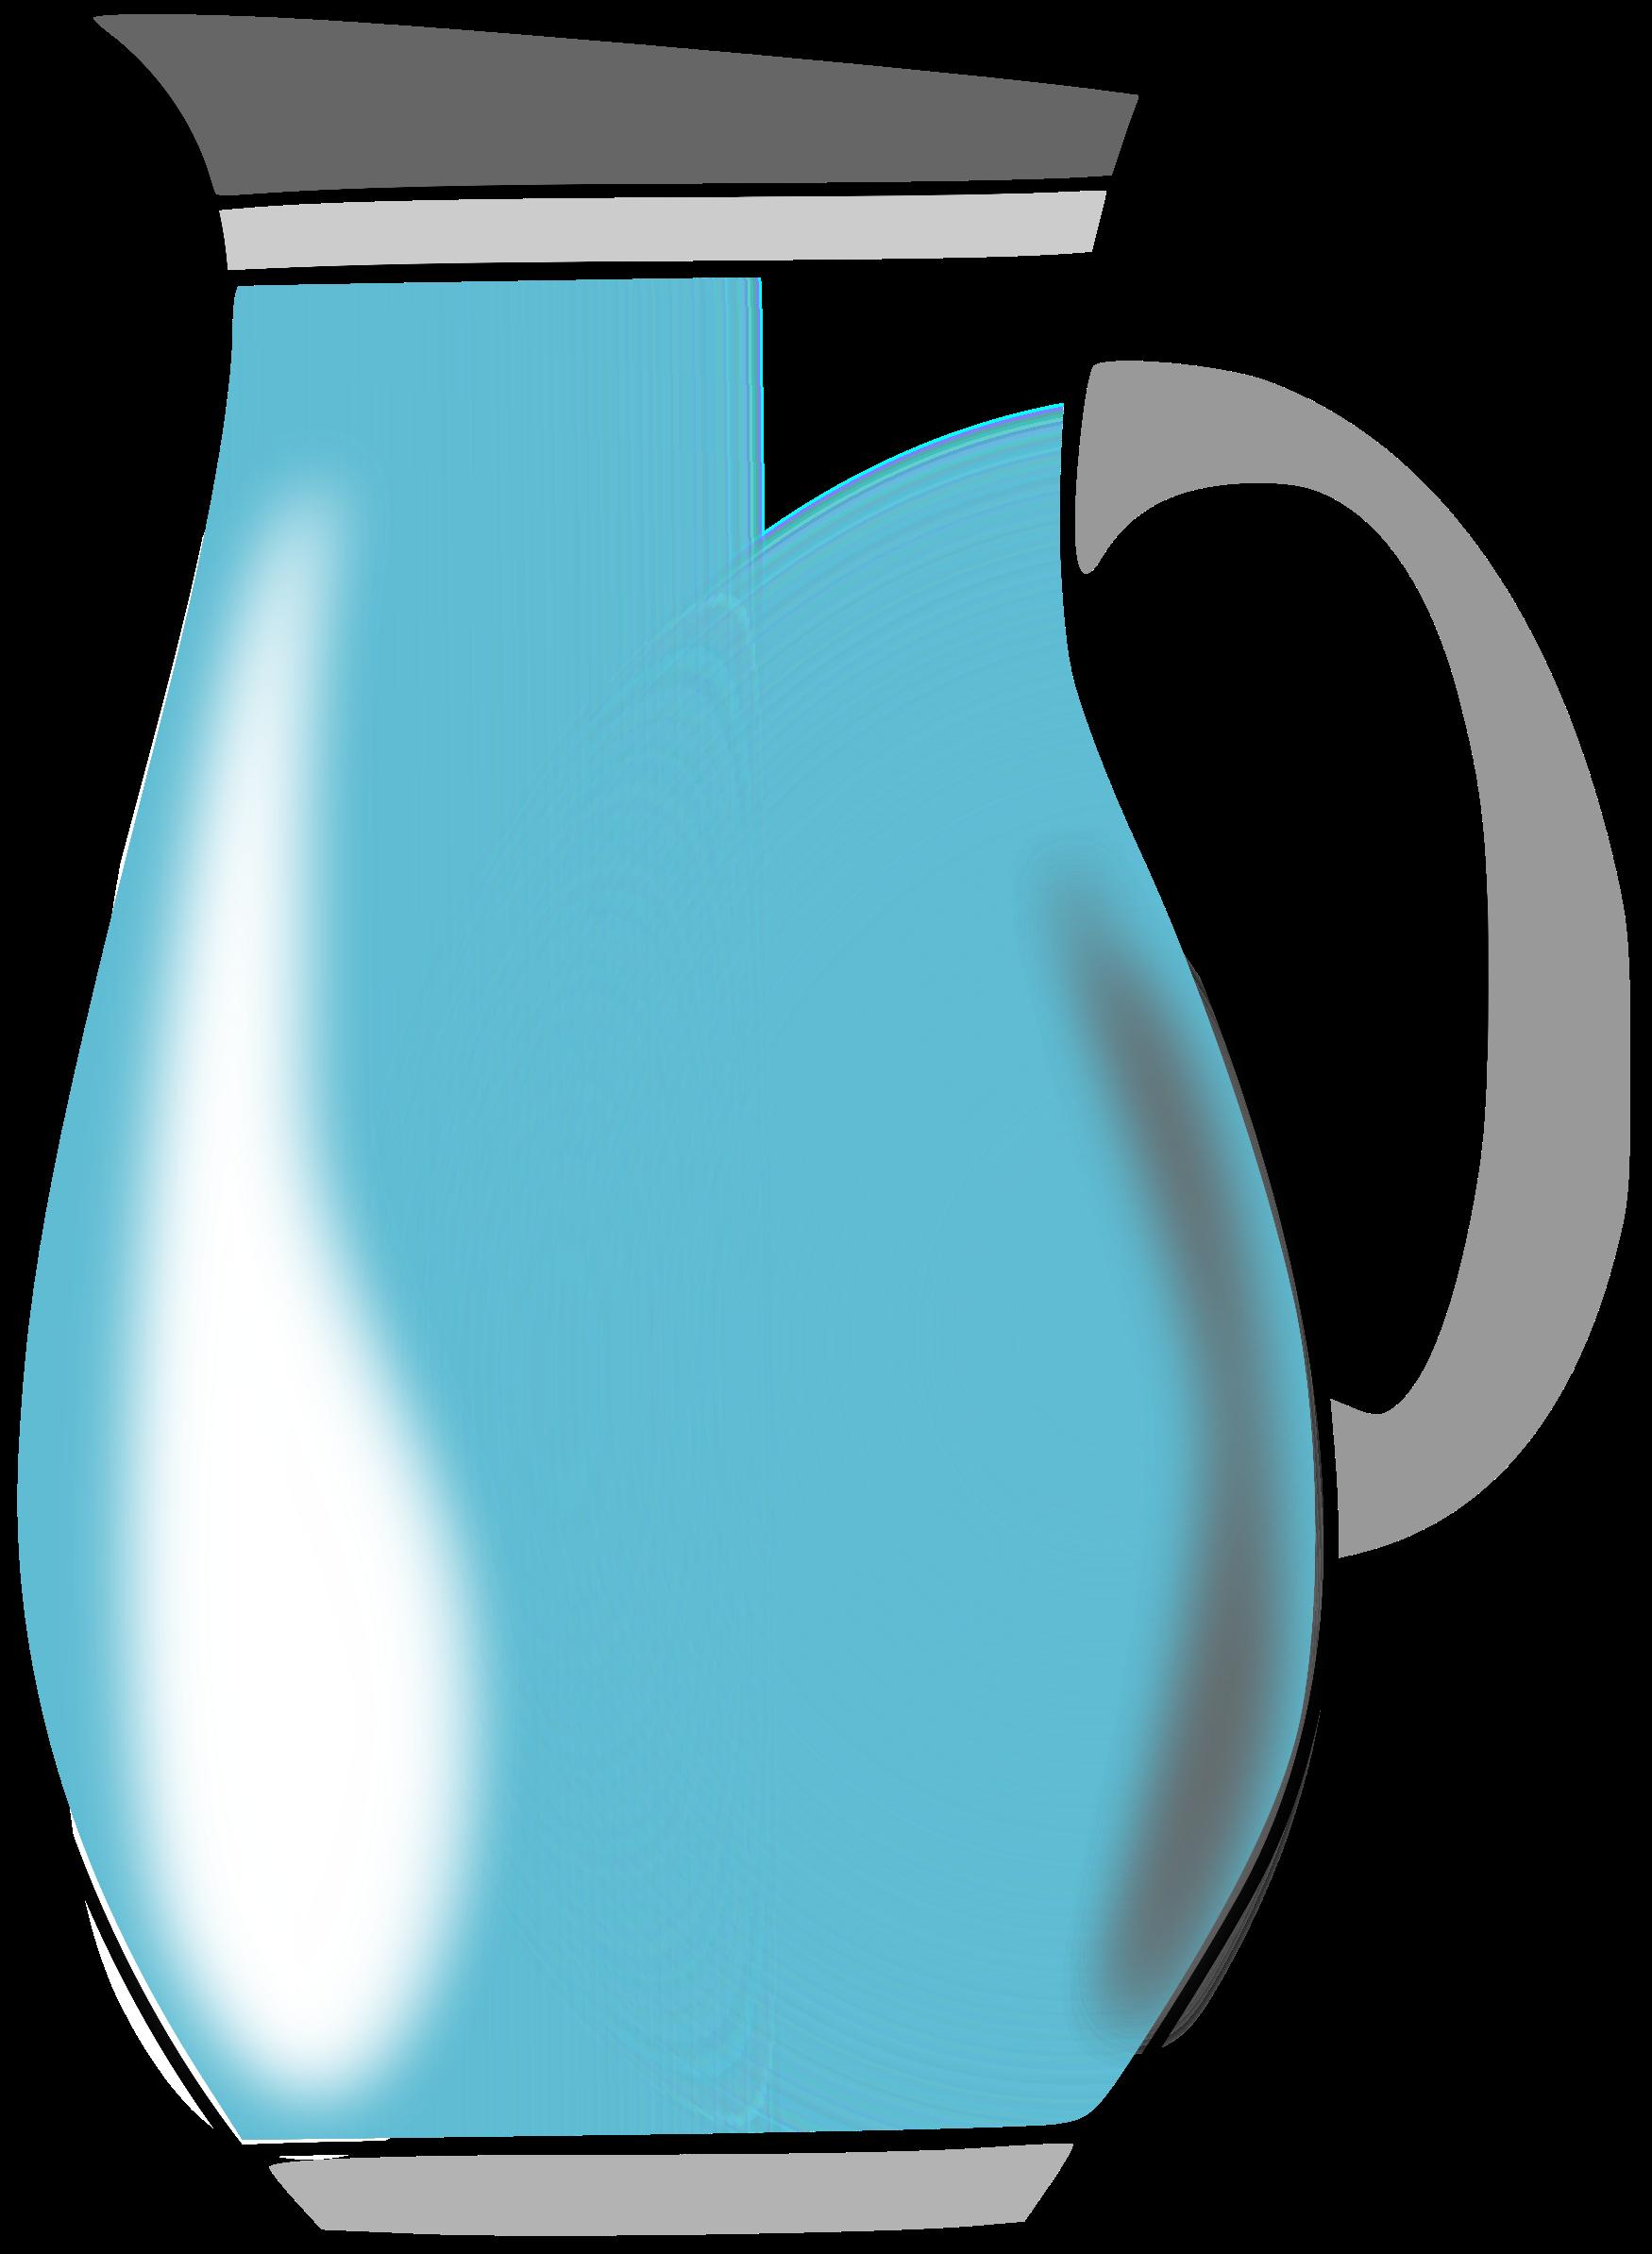 Apple cider jug clipart clip art free 28+ Collection of Water Jug Clipart   High quality, free cliparts ... clip art free